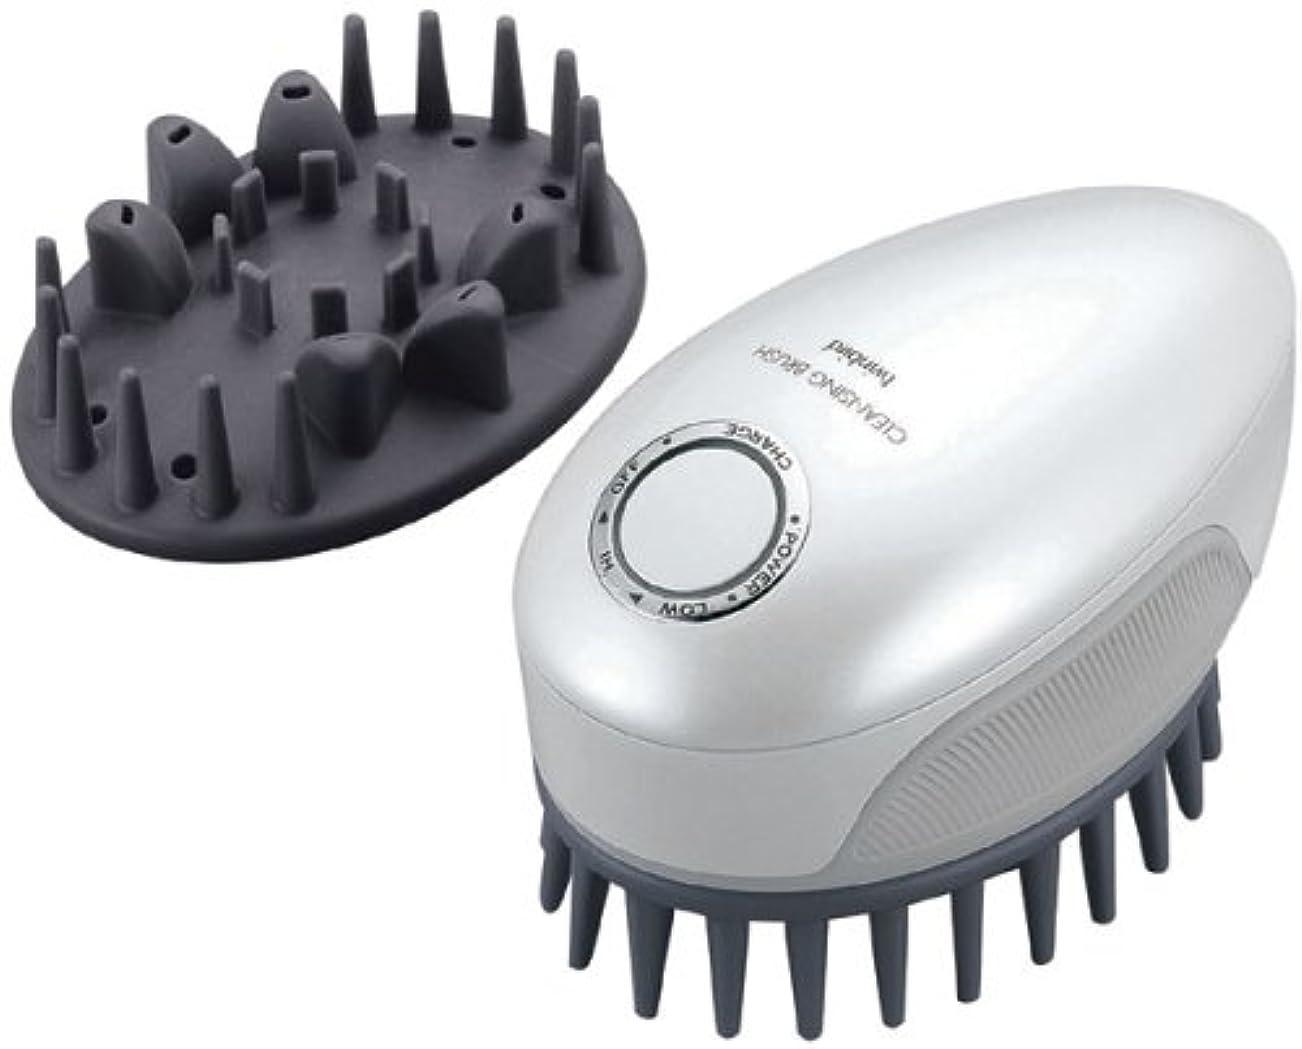 内なる商品正当化するTWINBIRD 頭皮洗浄ブラシ モミダッシュ PRO パールホワイト SH-2793PW